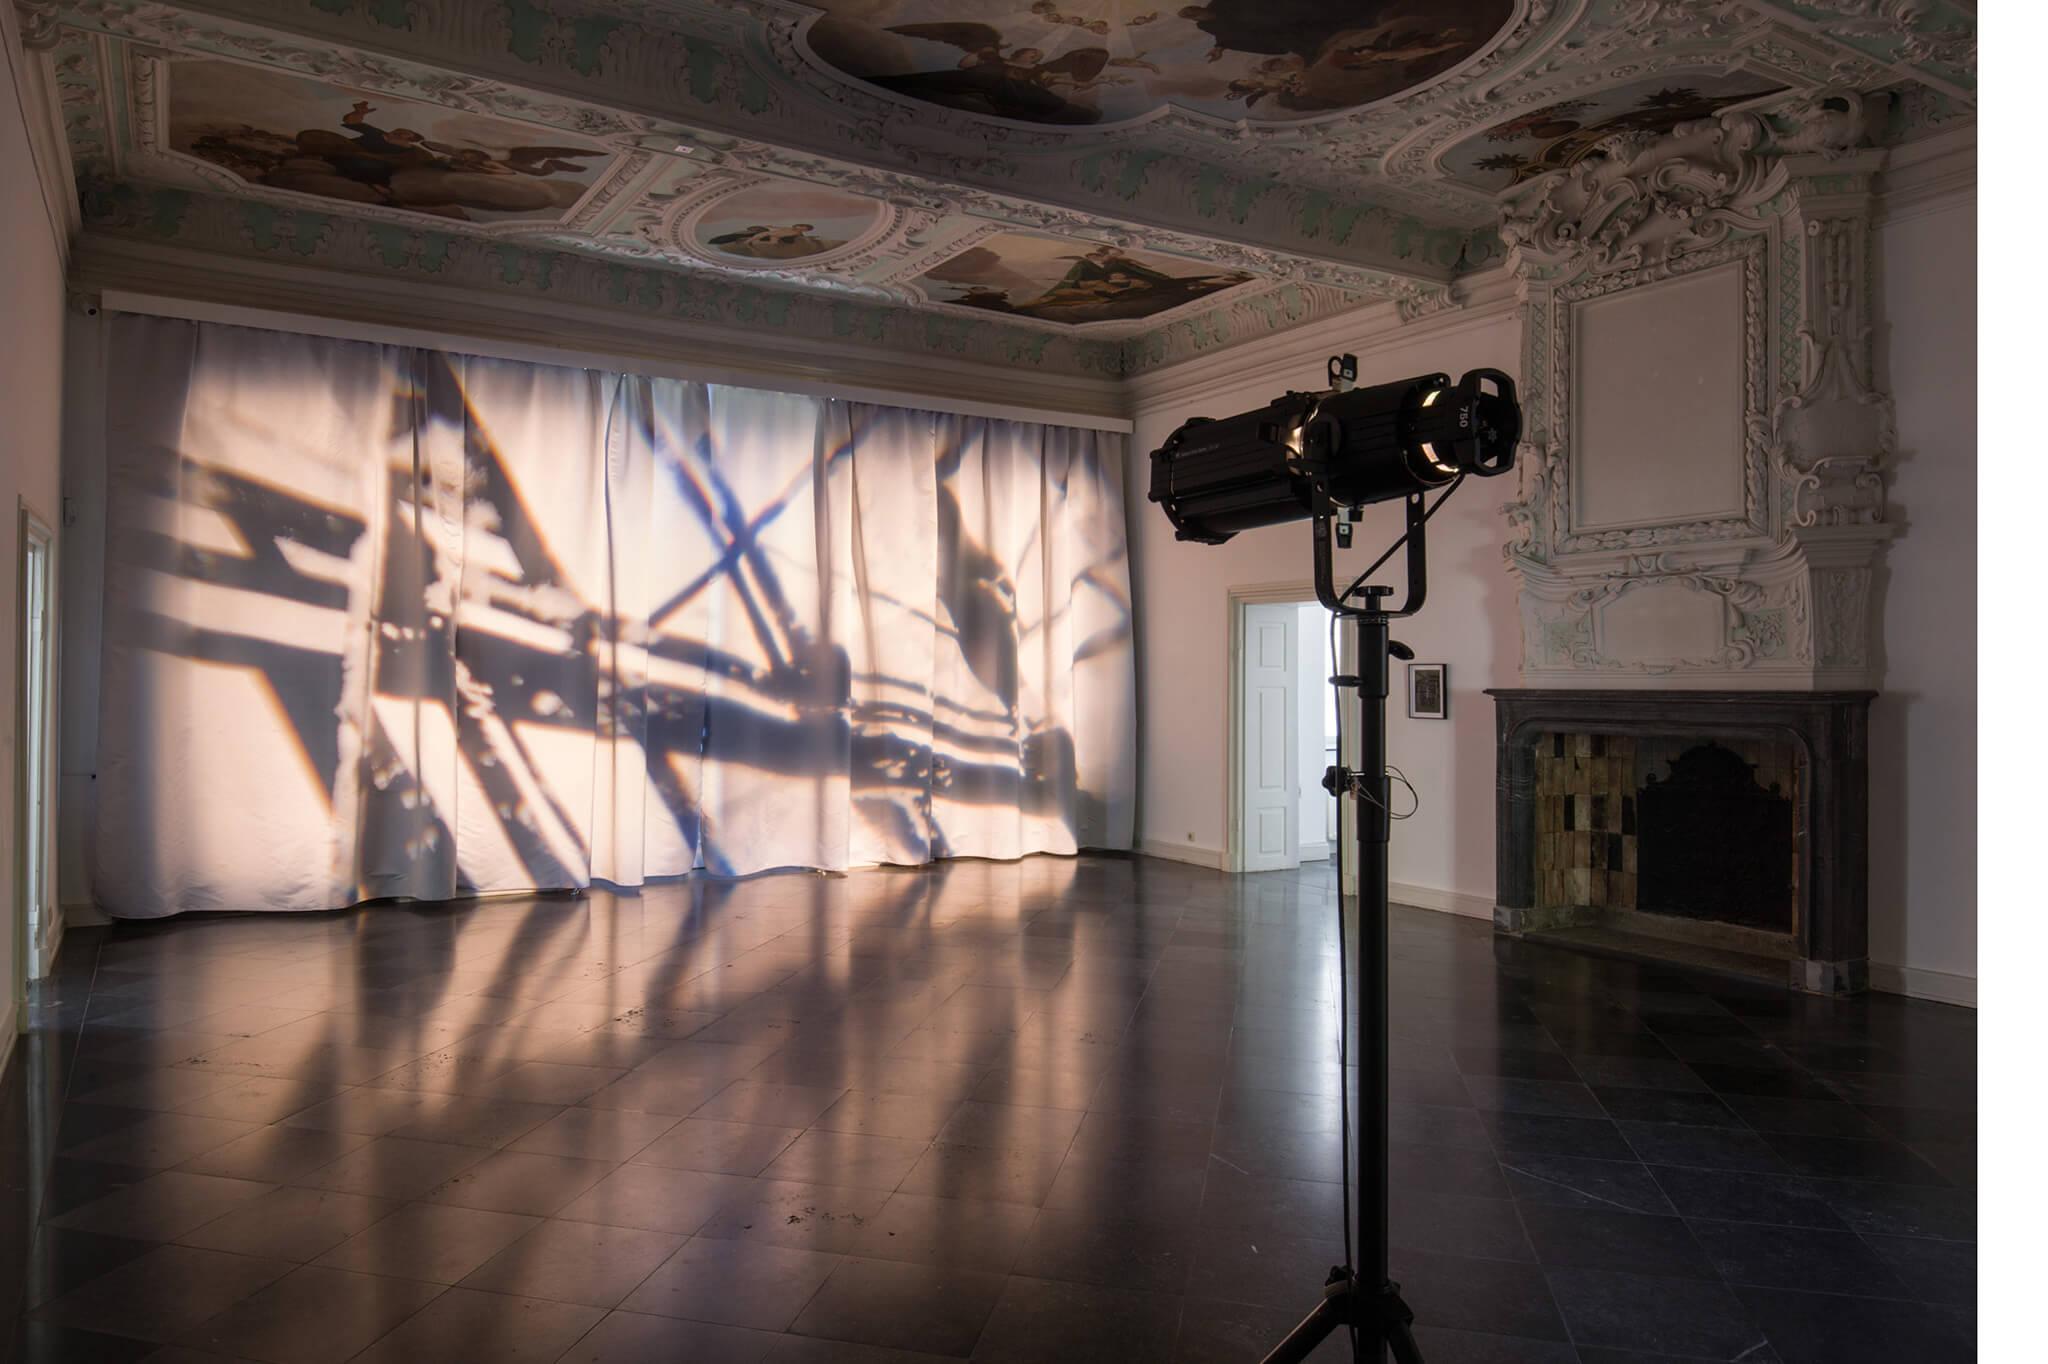 105_Frauke-Dannert_Collage_Ausstellung_Mehrfachbelichtung_Installation_against-representation_Kunsthaus-NRW_Kornelimünster_2017